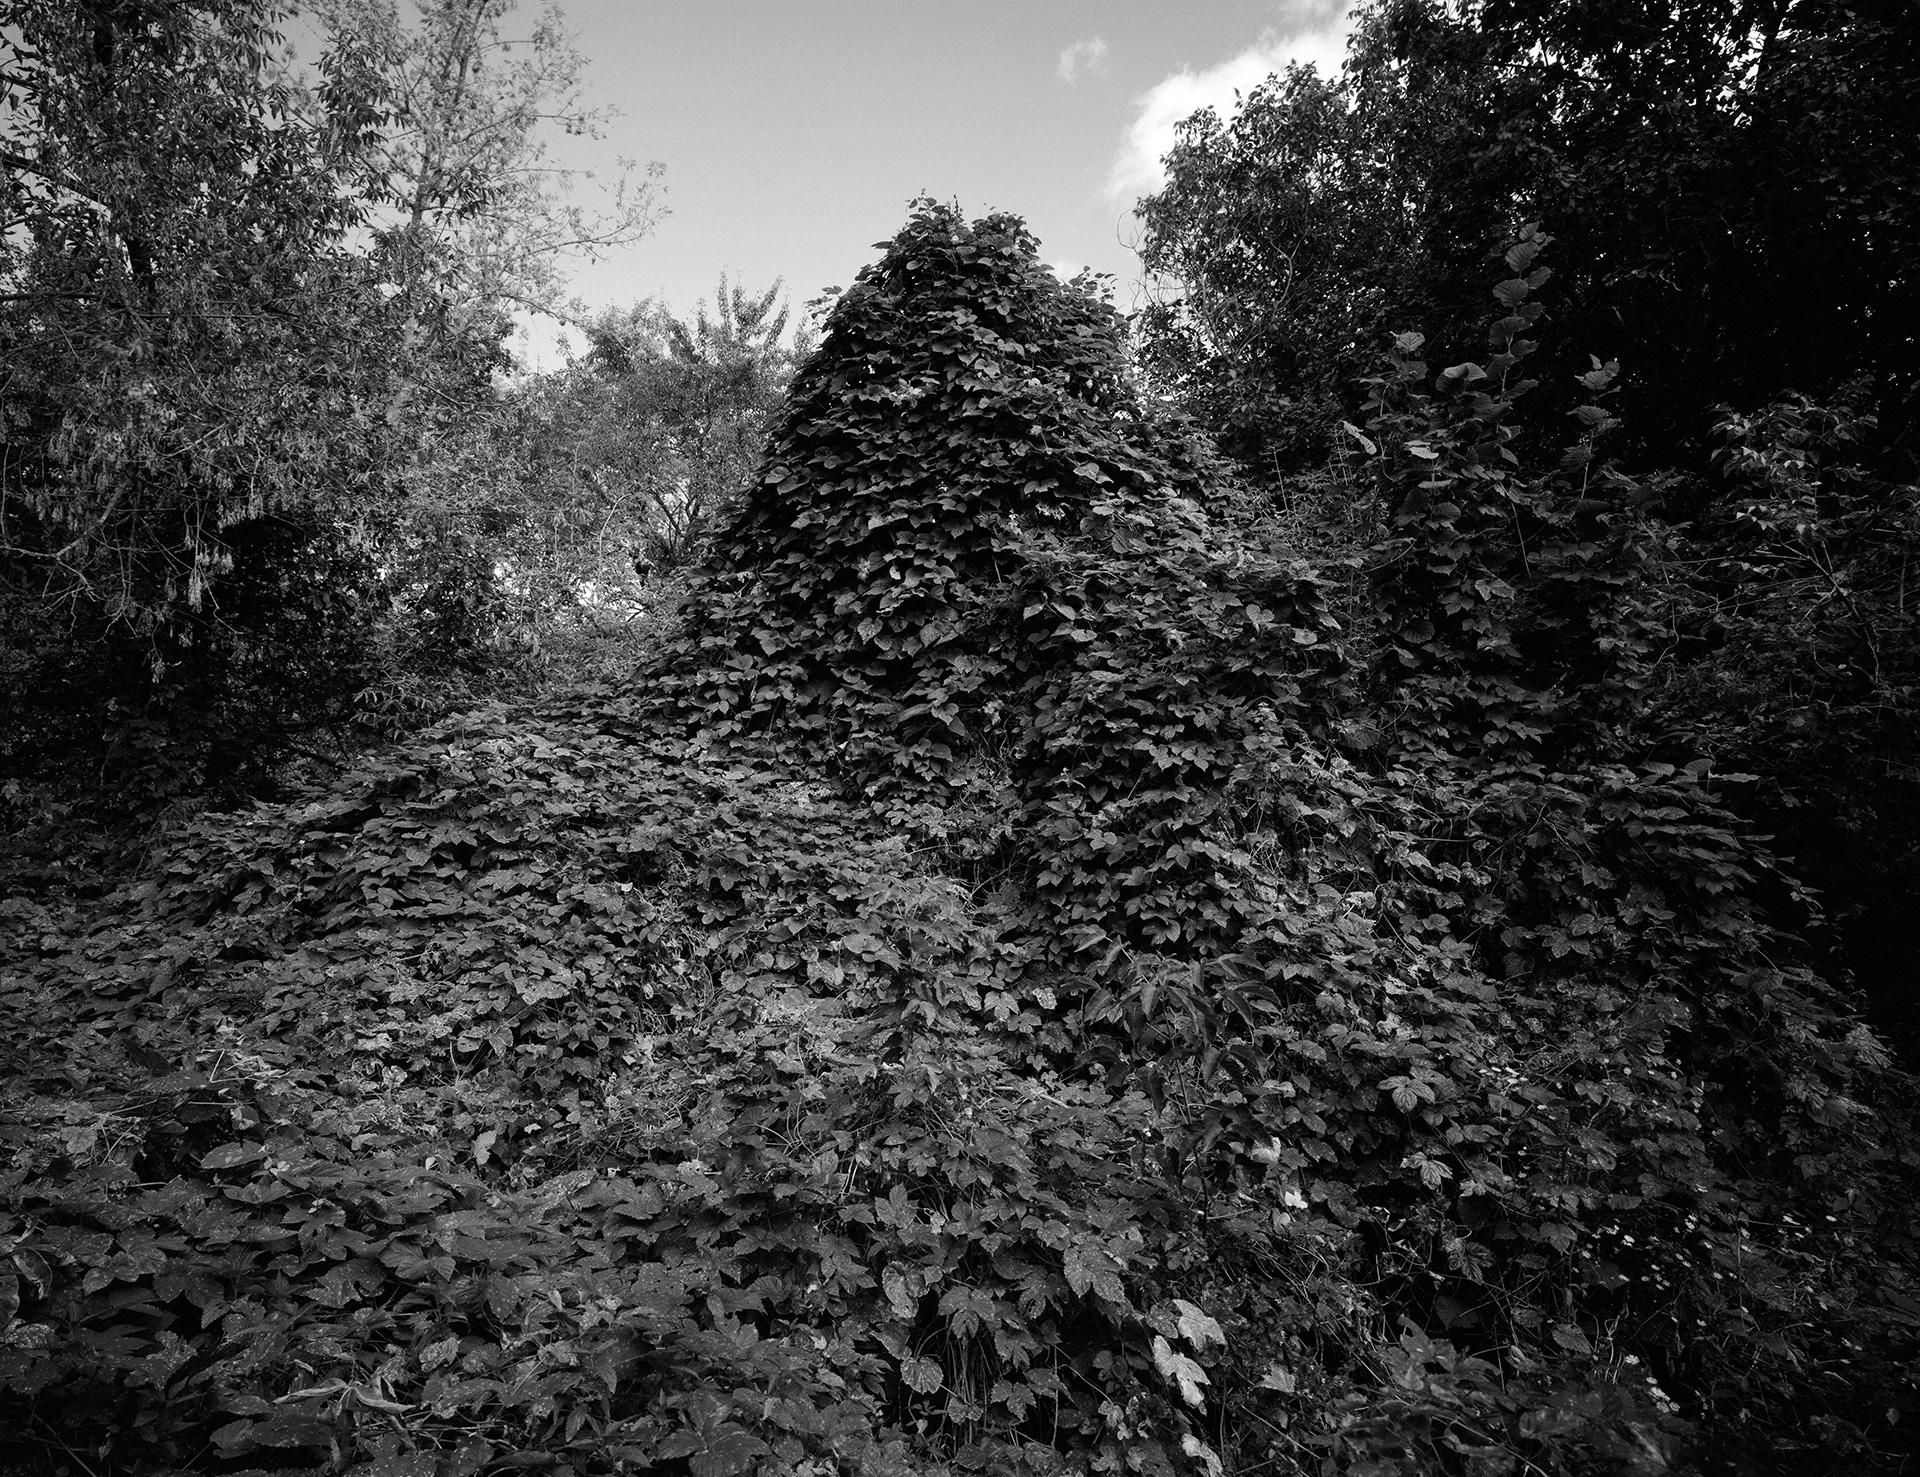 kreidler-third-landscape-chernobyl-exclusion-zone